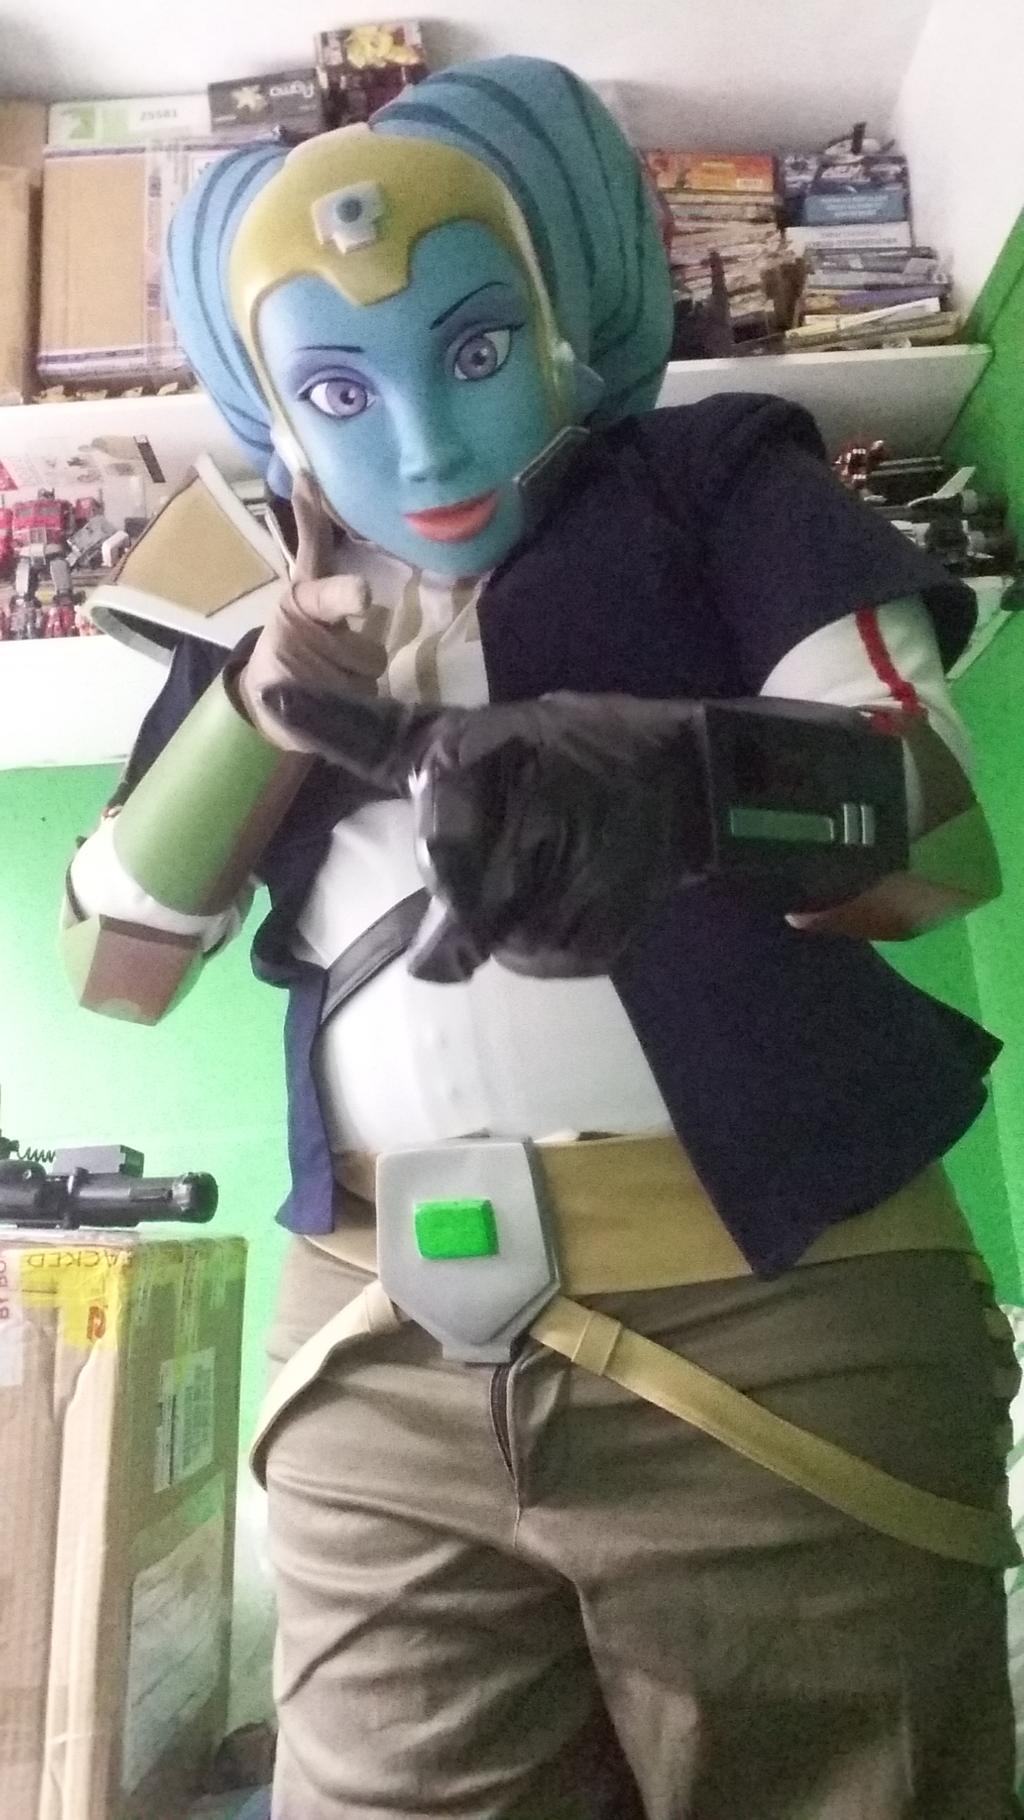 Most recent image: Argaila, Twi'lek smuggler